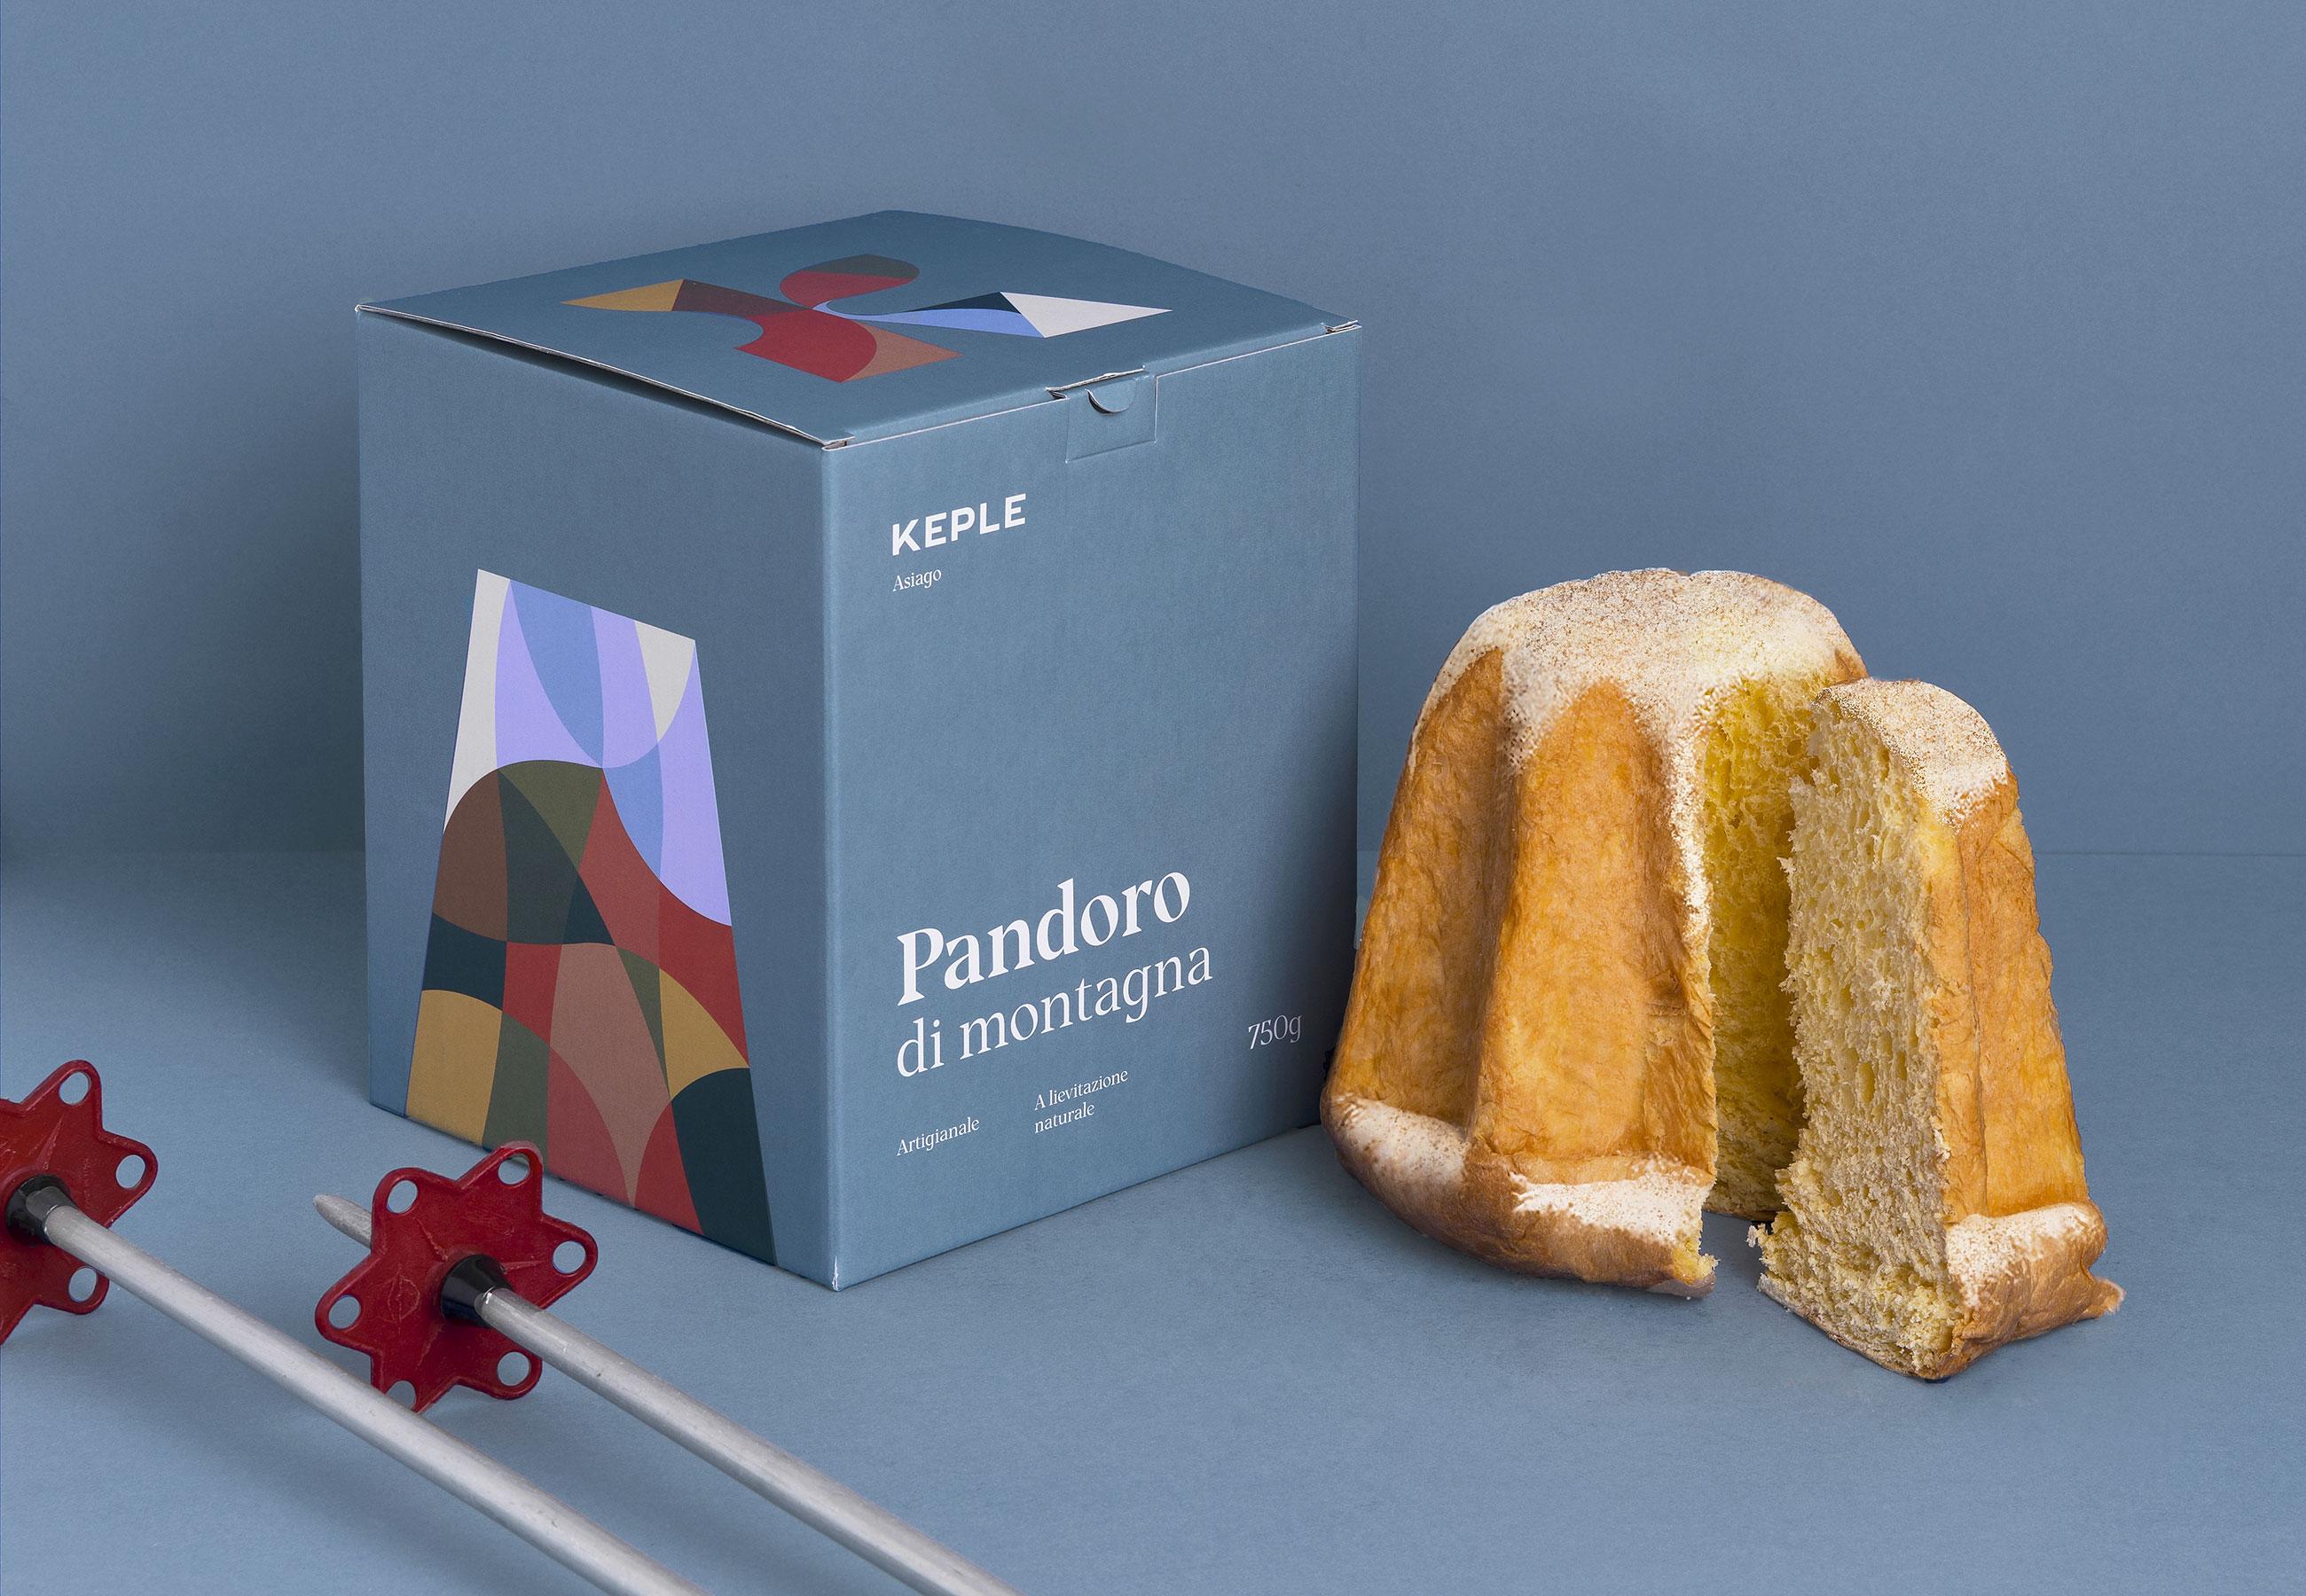 Progettazione Packaging pandoro Keple-Drystudio